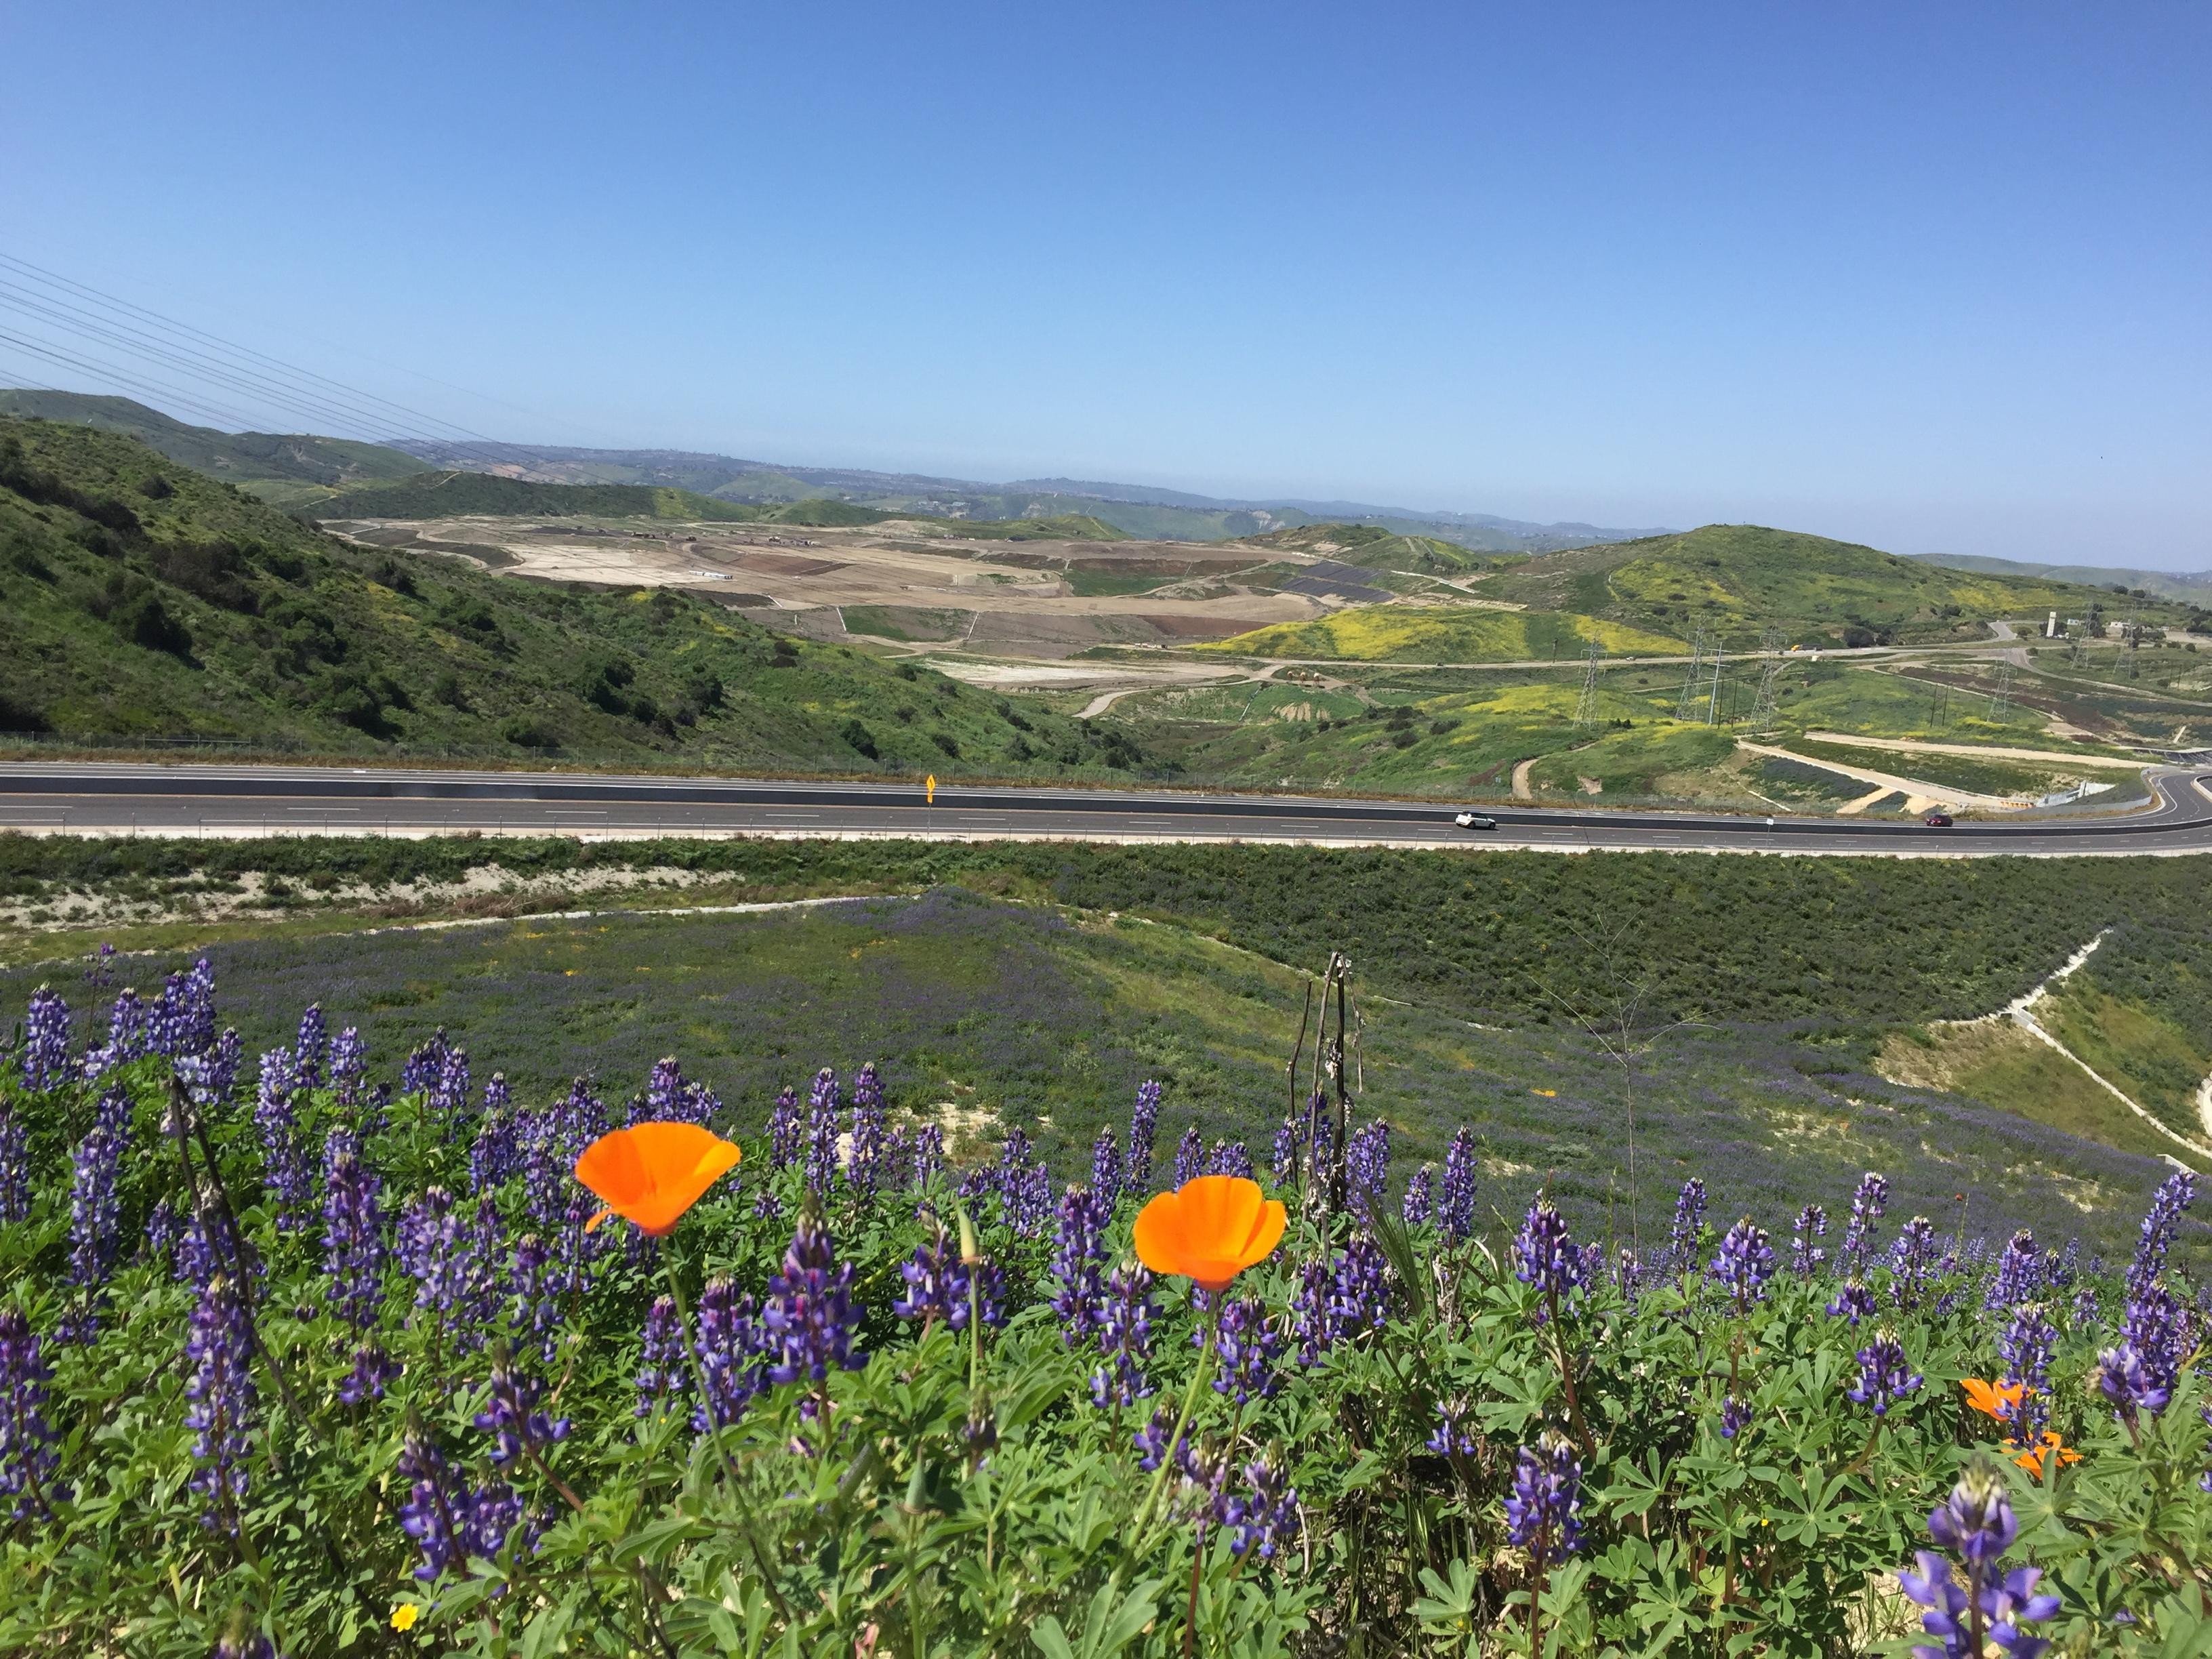 Prima-La Pata lupine field w poppy